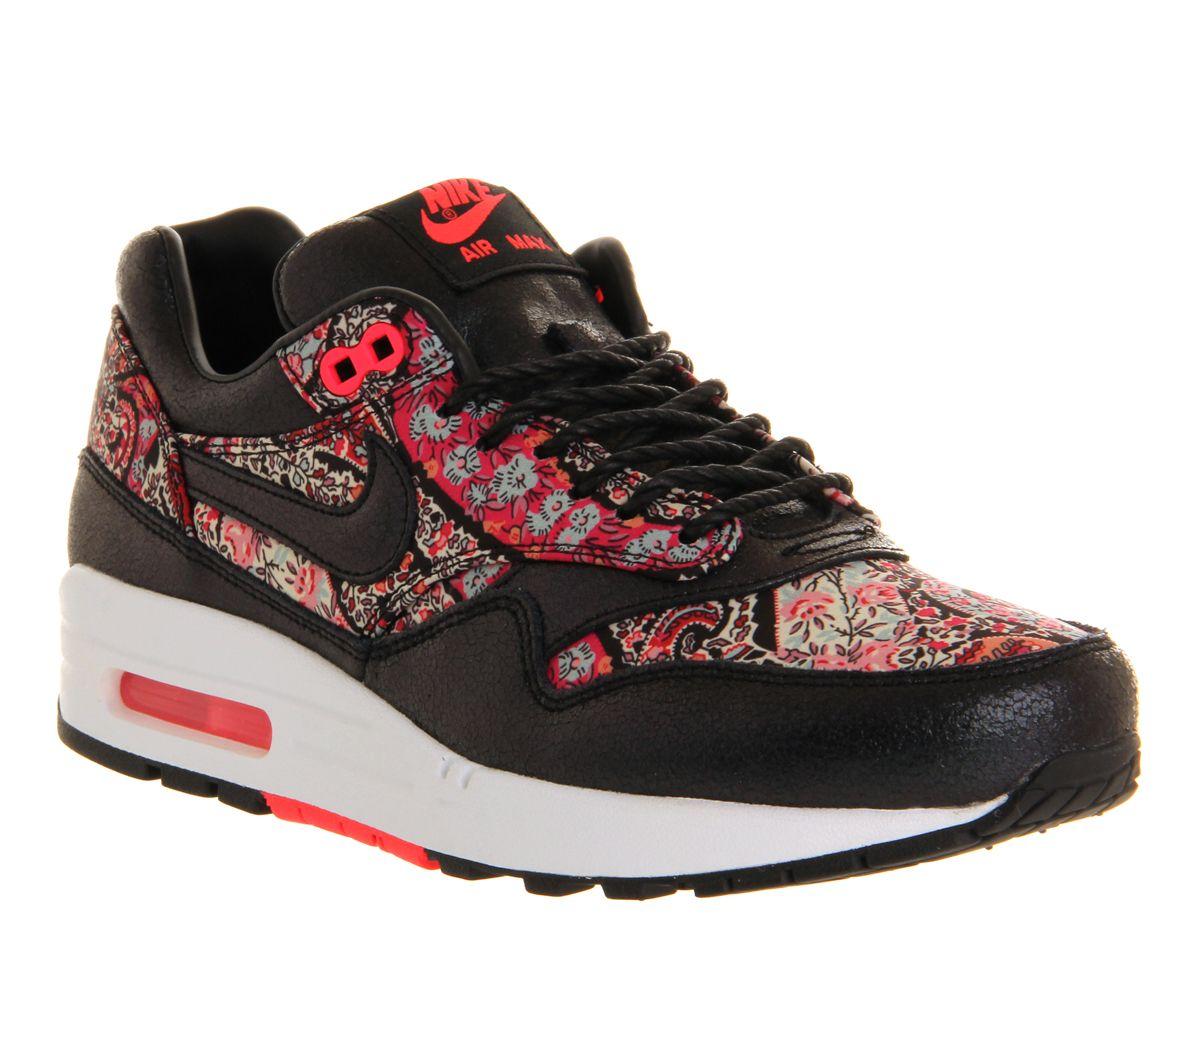 Nike Wmns Air Max 1 Qs Liberté Noires Rouges Solaires